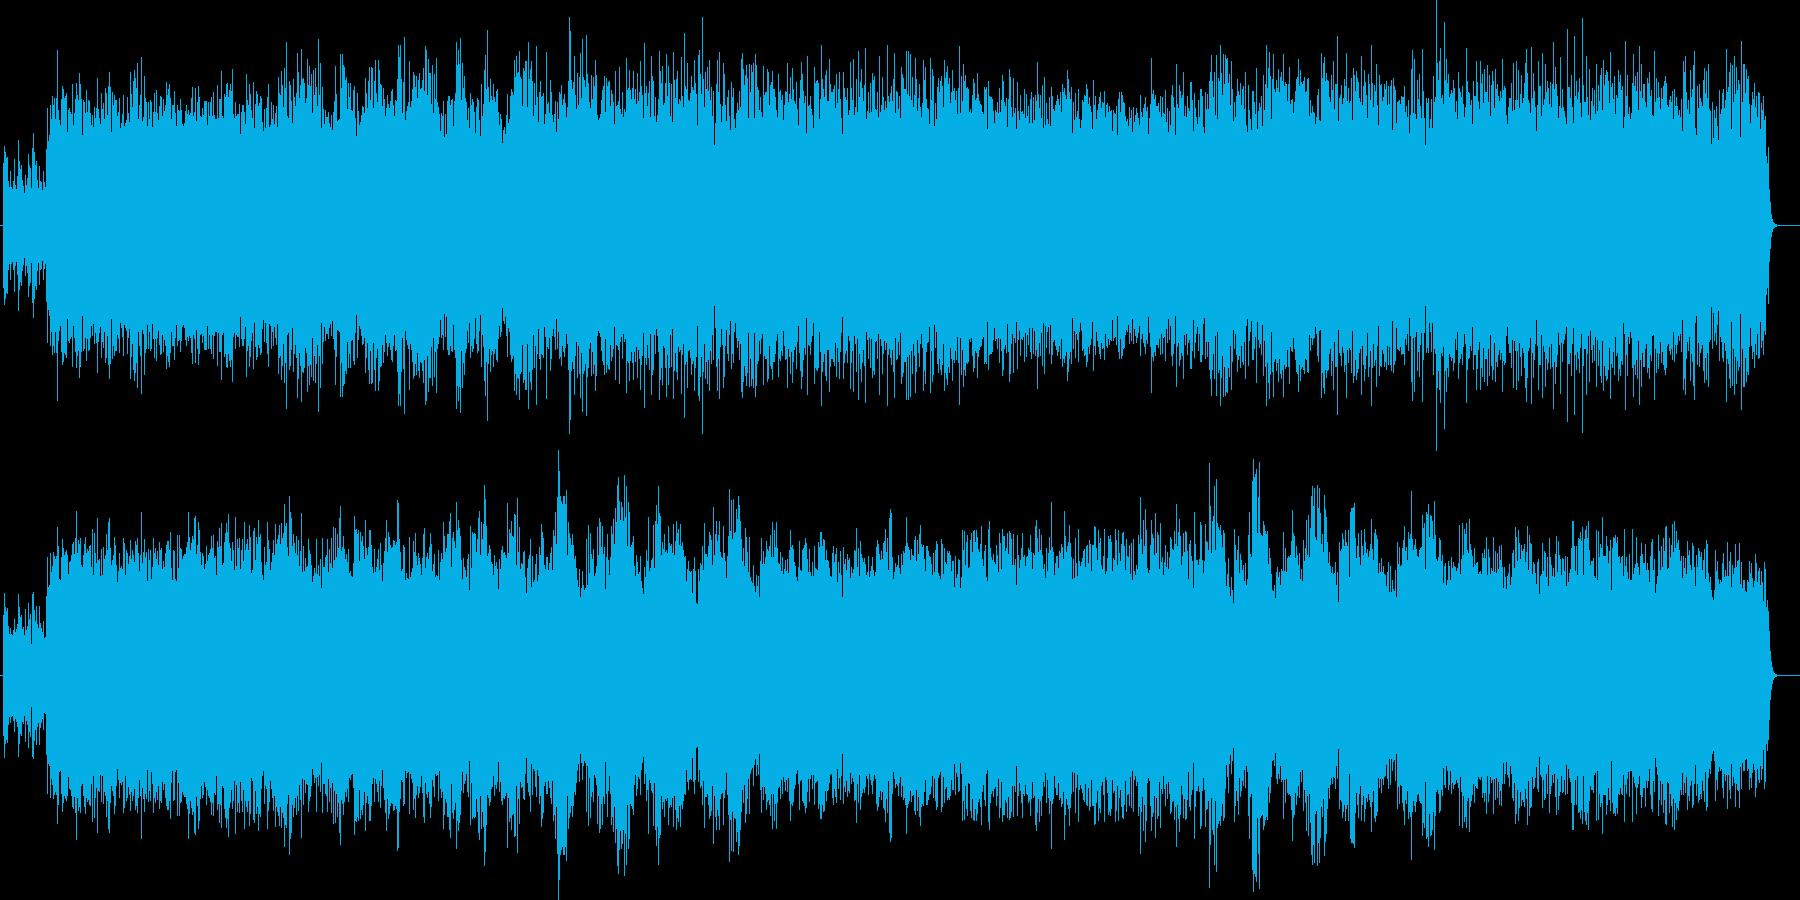 リラックスできるクラシカルミュージックの再生済みの波形